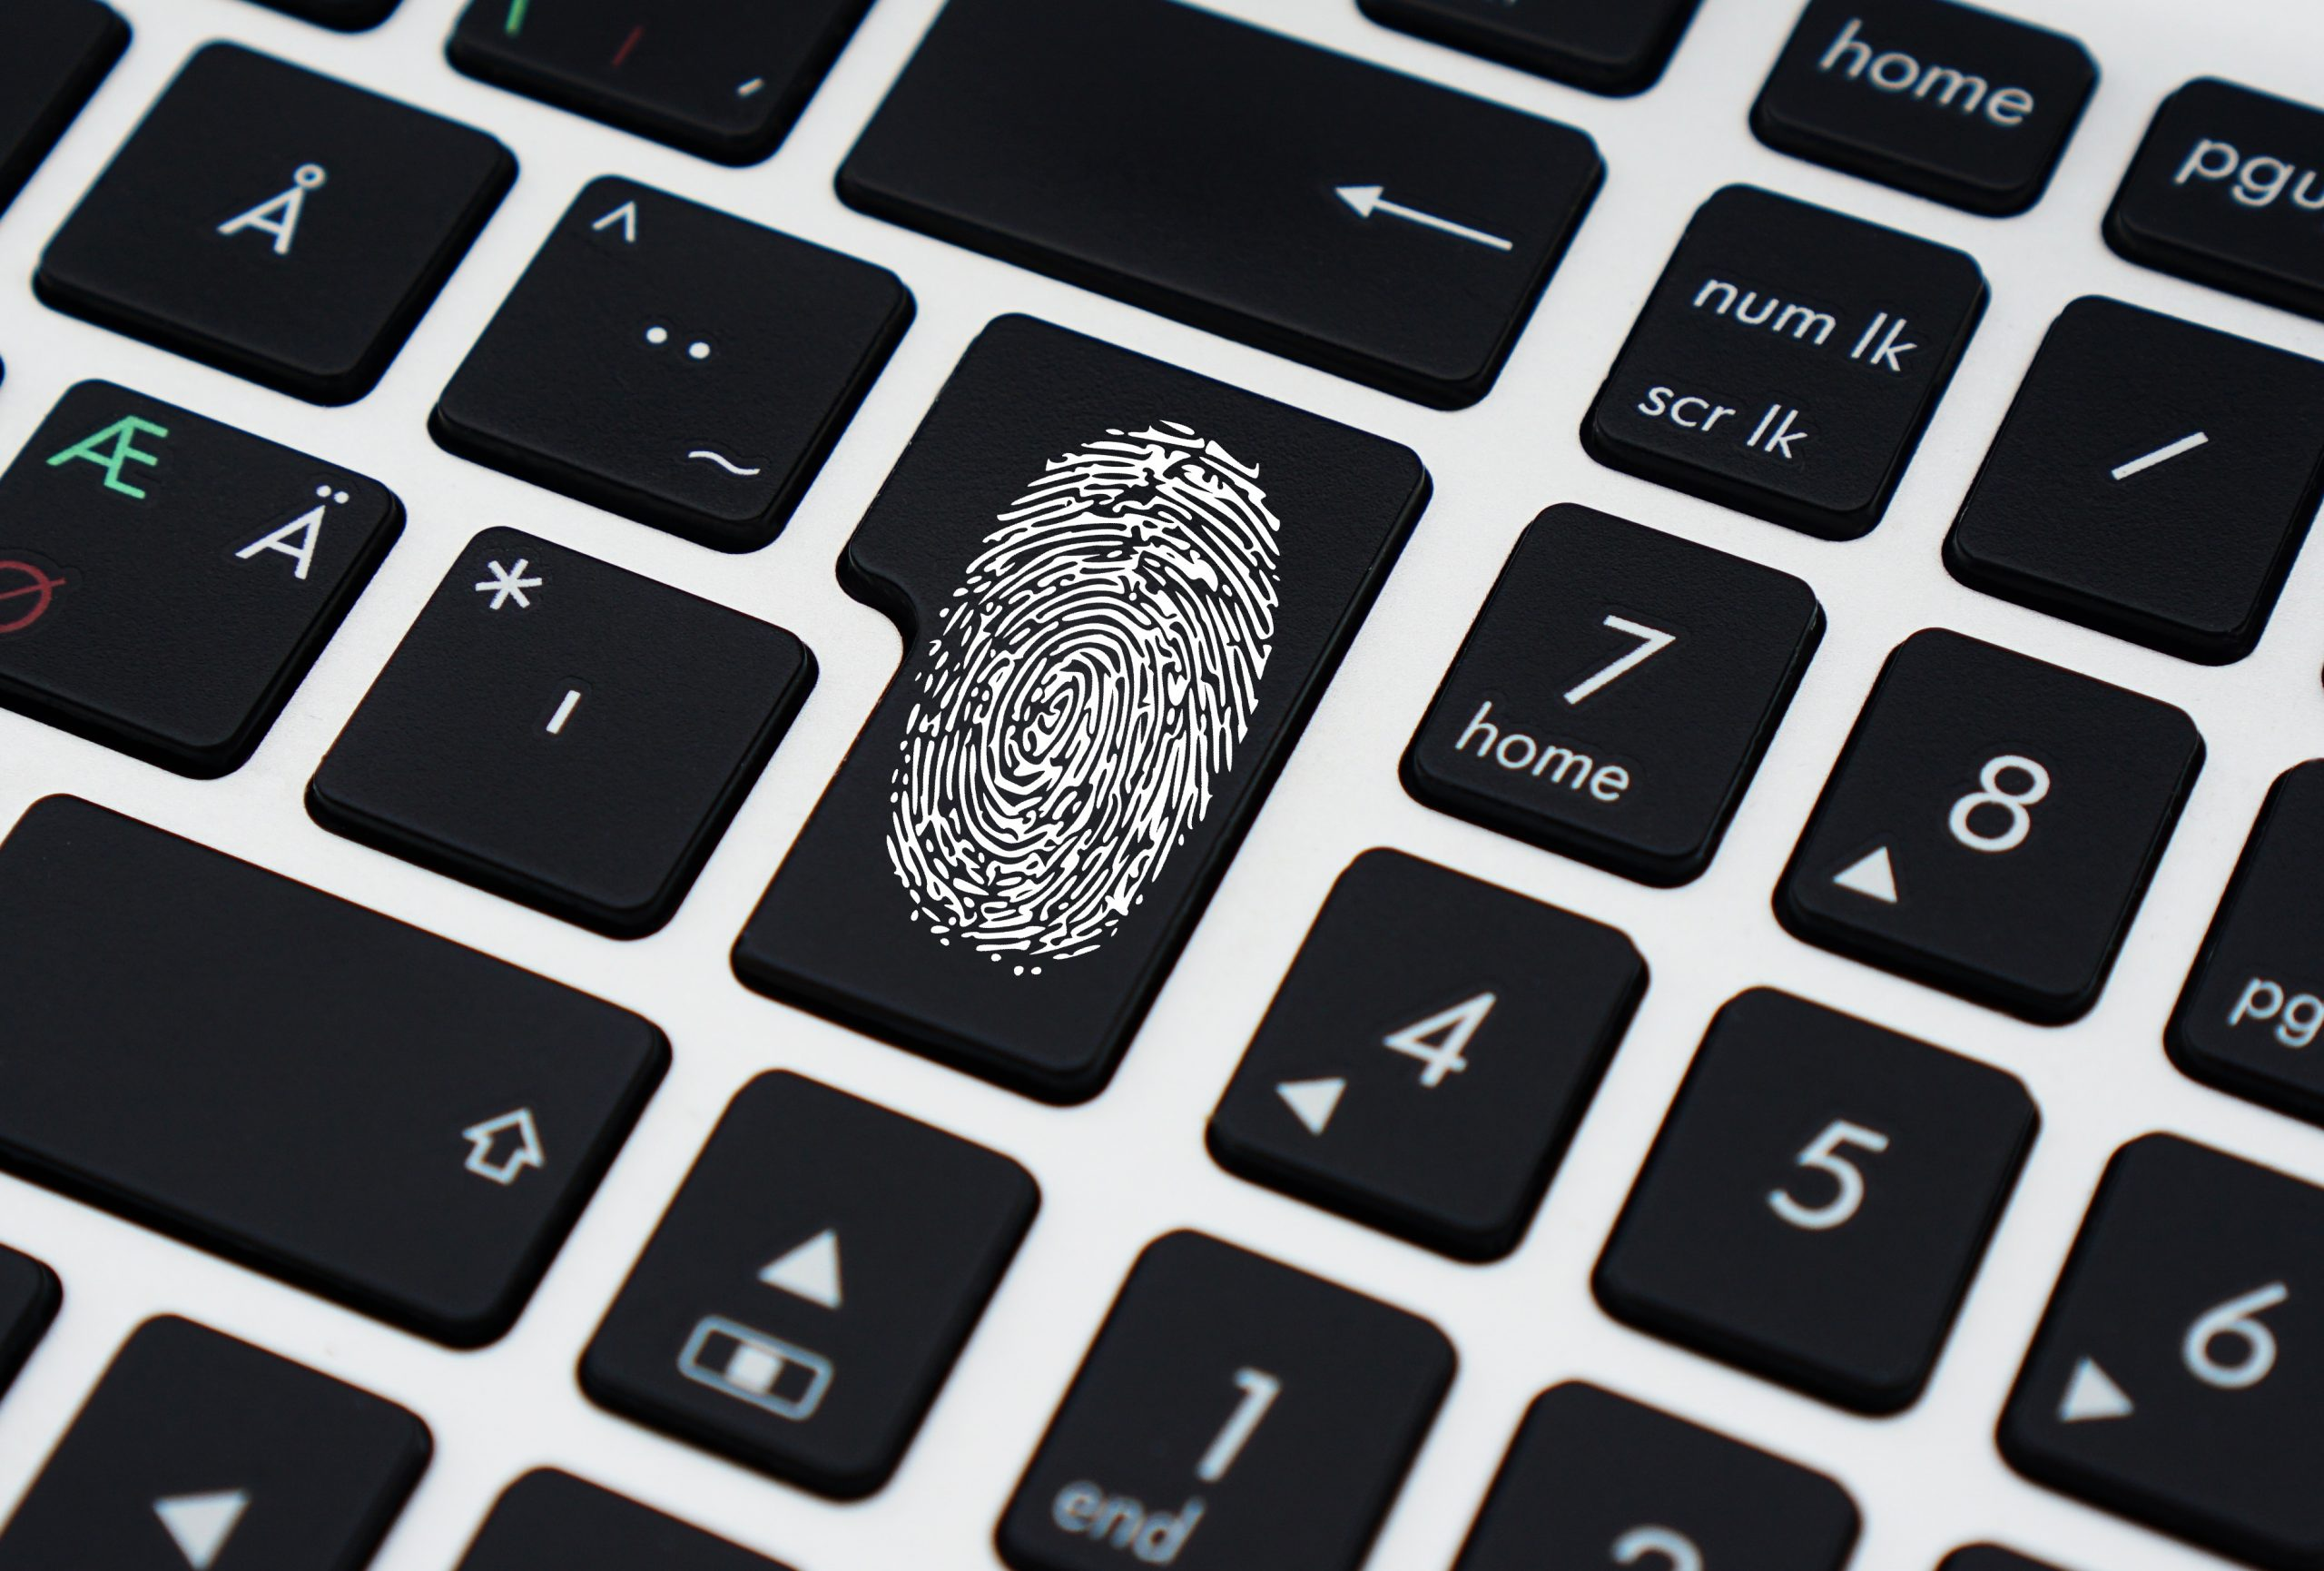 Straznet IT säkerhet brandvägg VPN identifikation